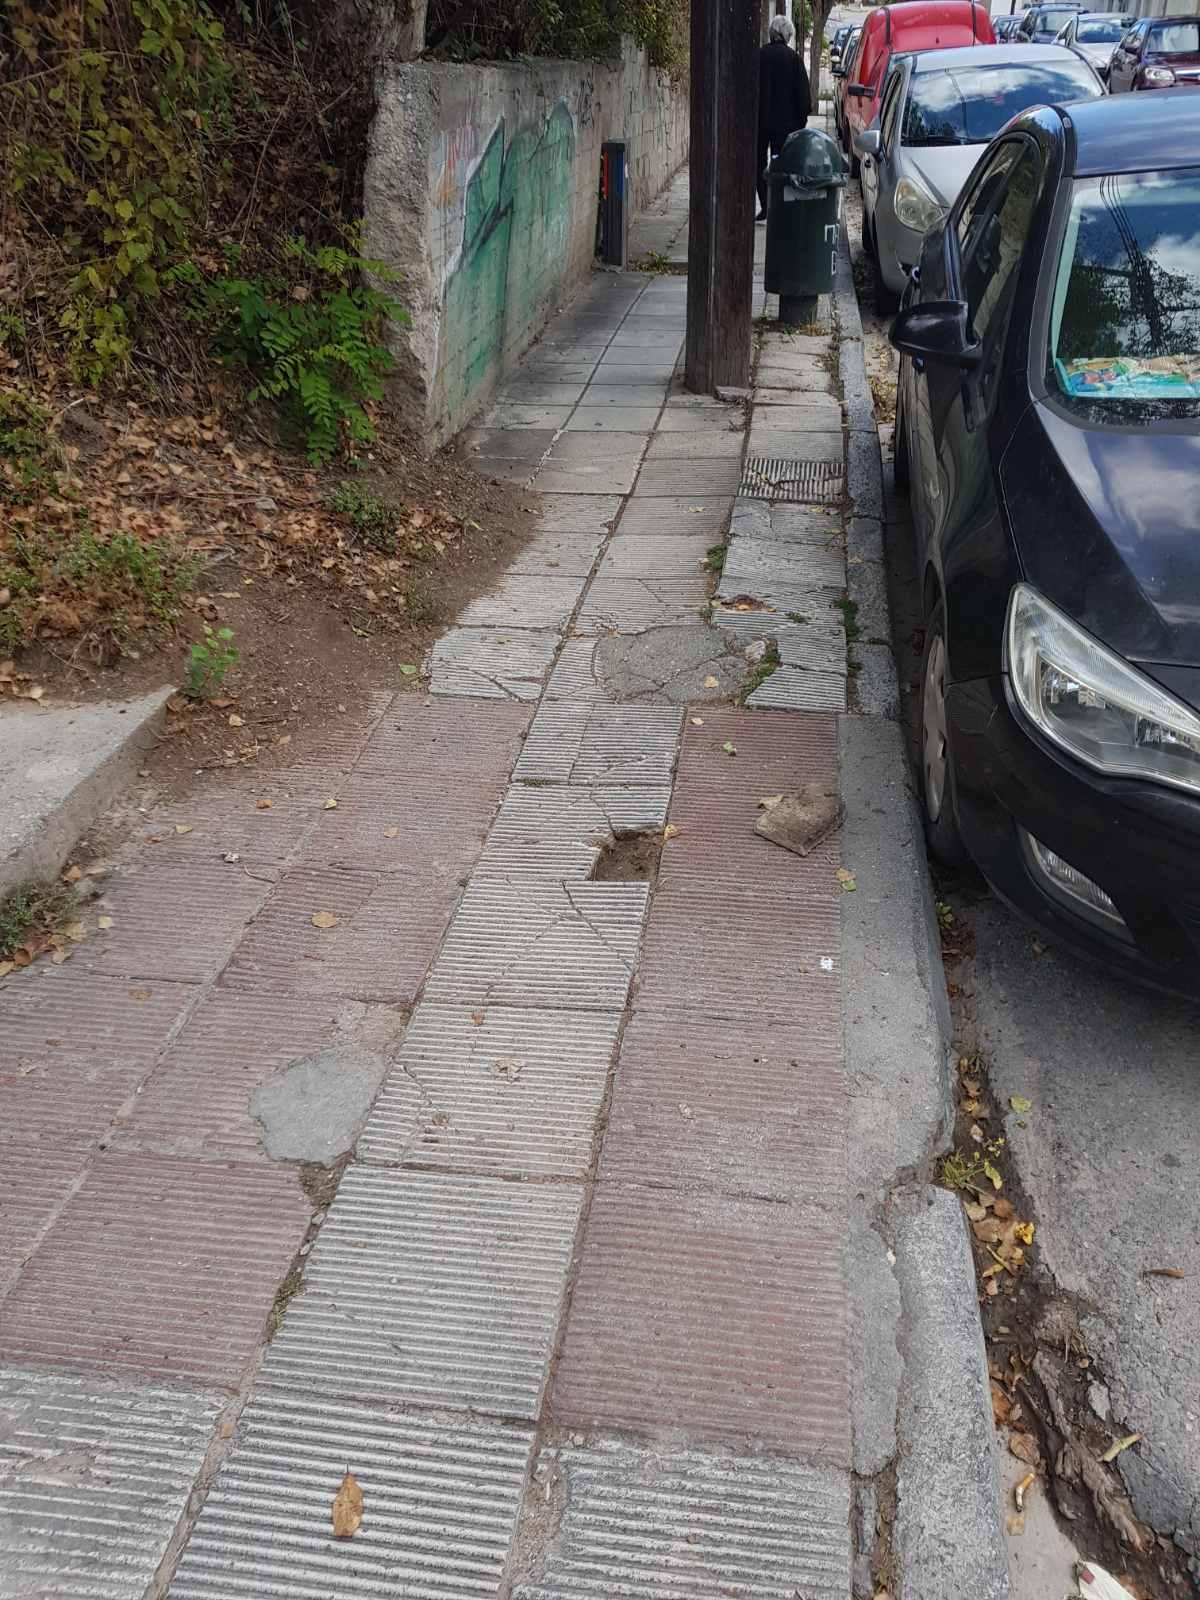 Σχόλιο αναγνώστη στο kozan.gr: Κοζάνη: Τι θα γίνει με τα σπασμένα πλακάκια των πεζοδρομίων; (Φωτογραφίες)